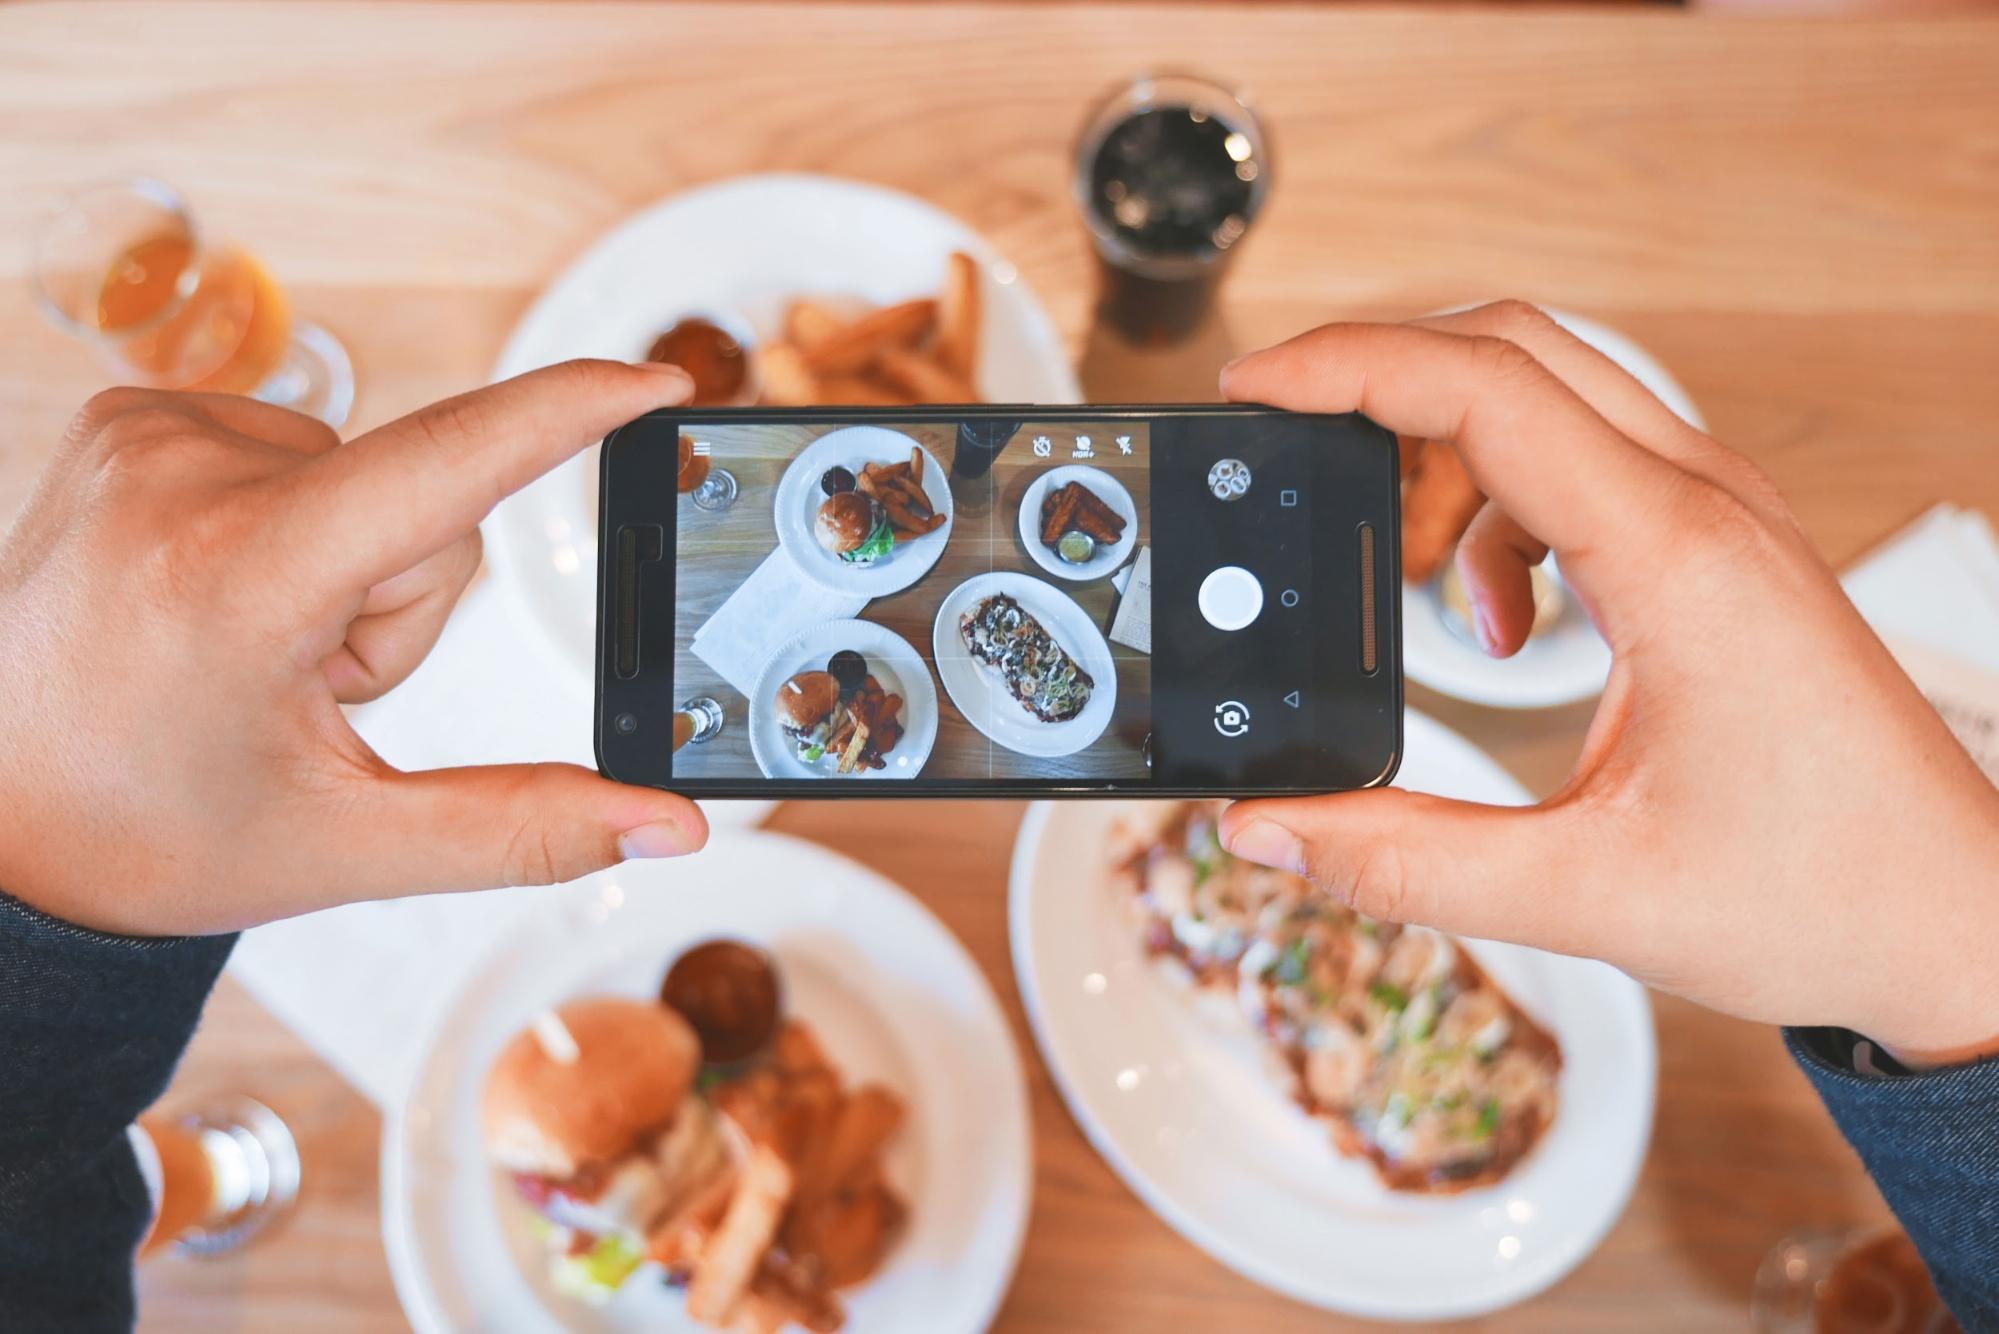 Best Food Instagram Captions